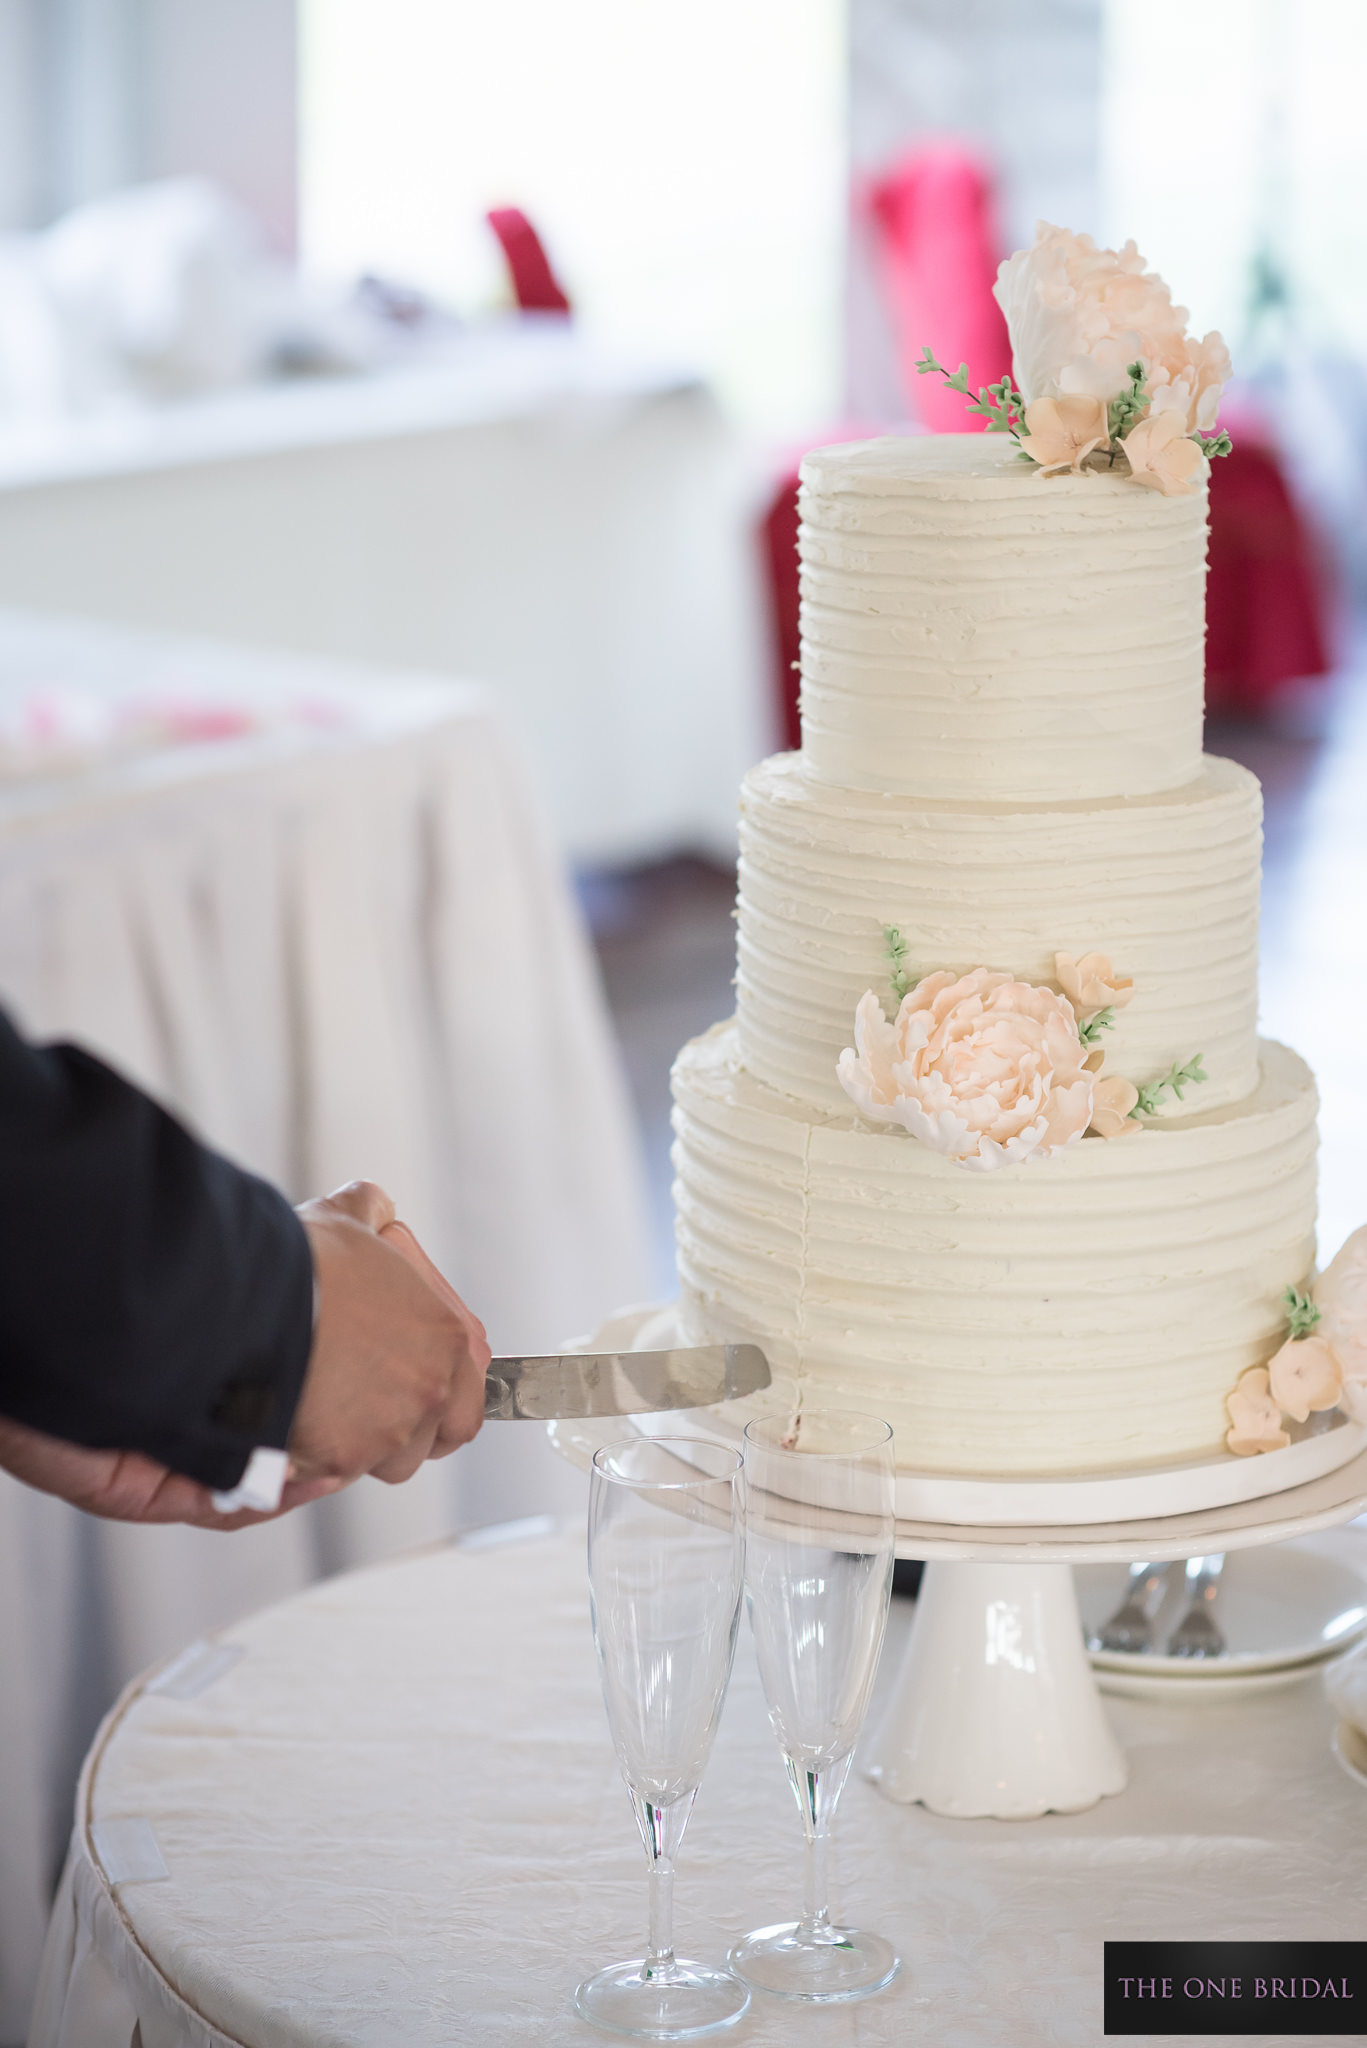 mandarin-golf-club-wedding-markham-the-one-bridal-127